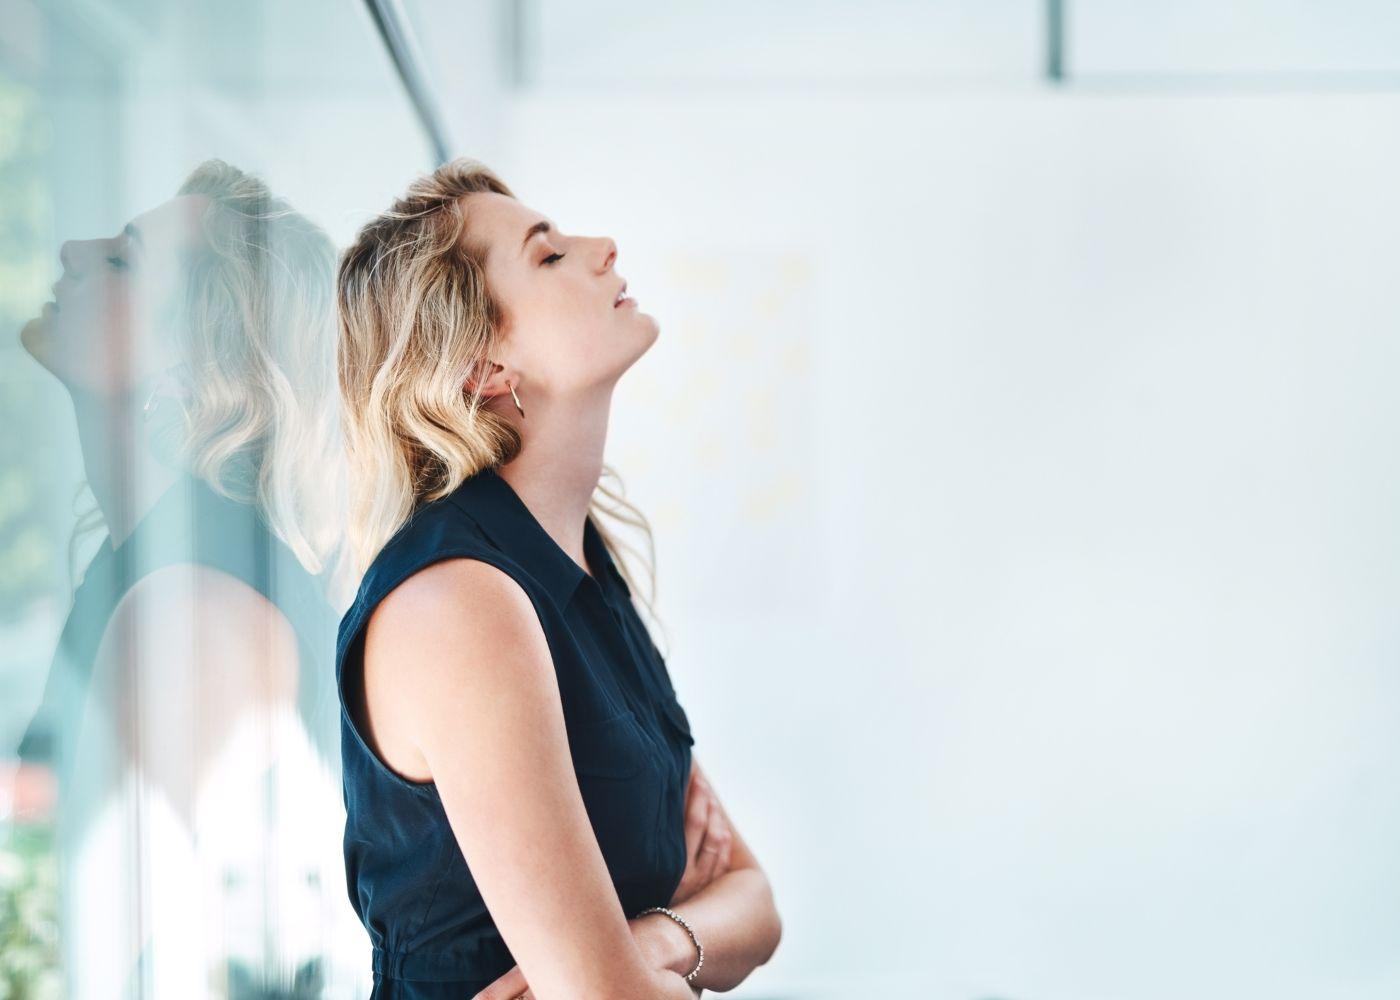 mulher encostada a mostrar sinais de desmotivação no trabalho